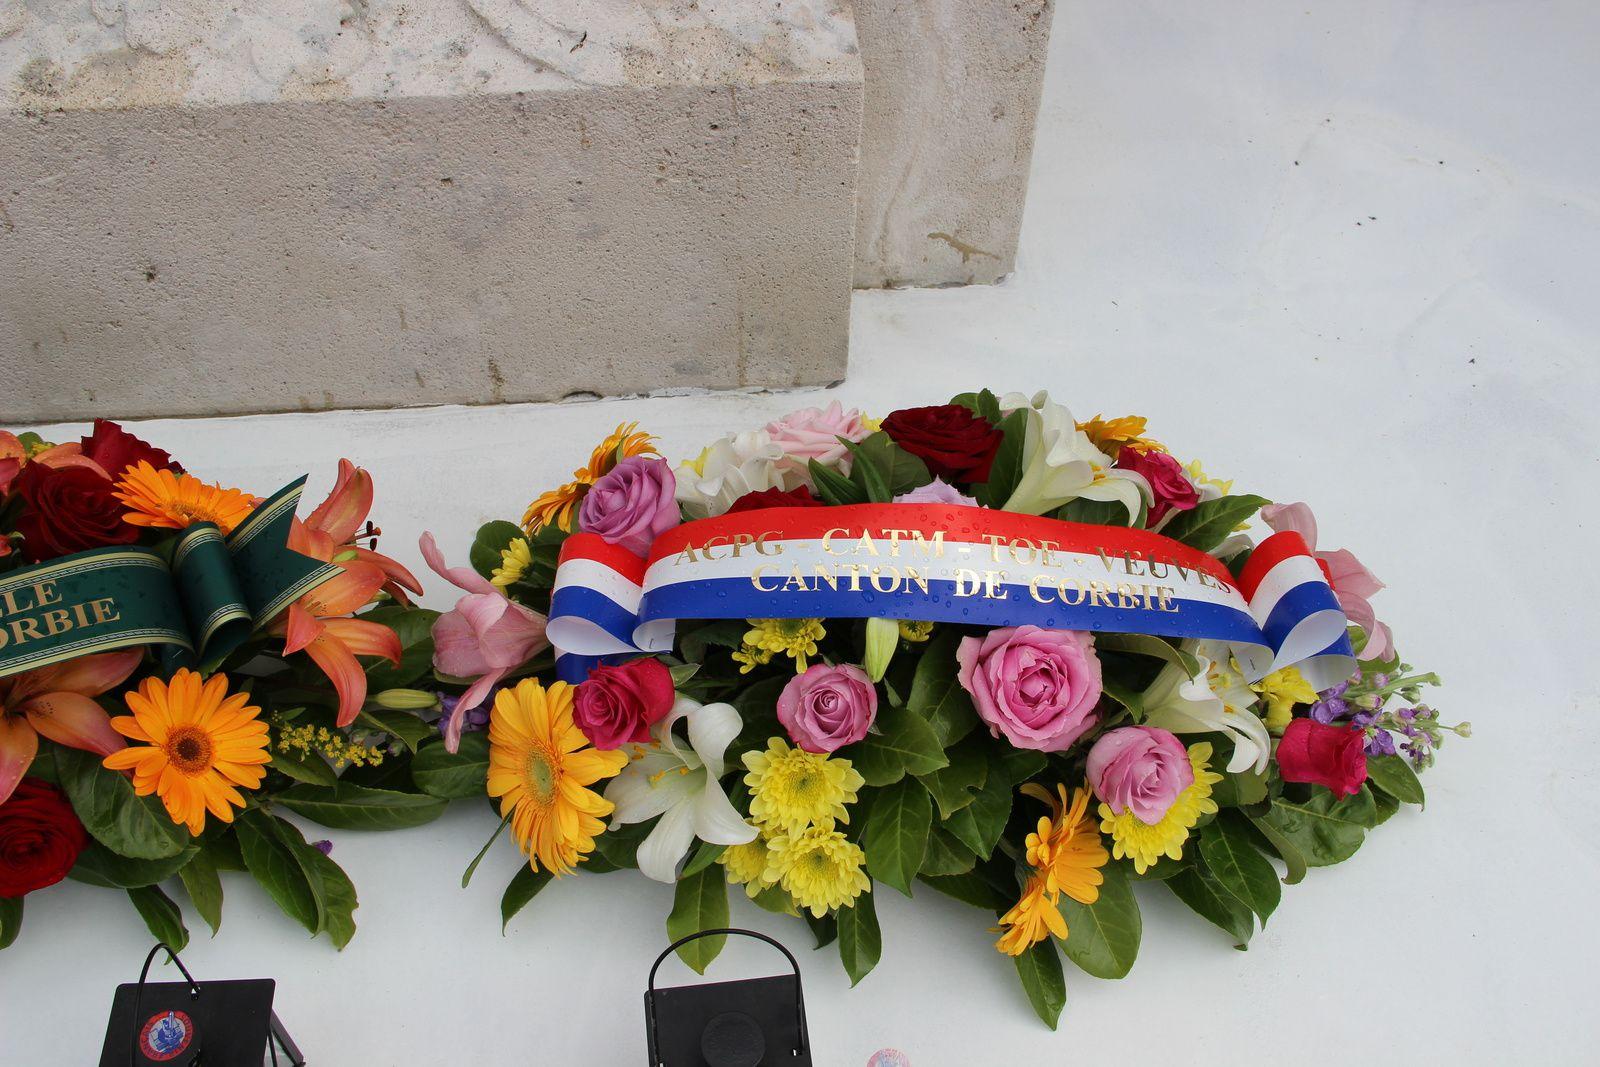 Le Souvenir Français de Corbie à la commémoration de souvenir des victimes de déportation dans les camps de concentration au cours de la guerre 39-45